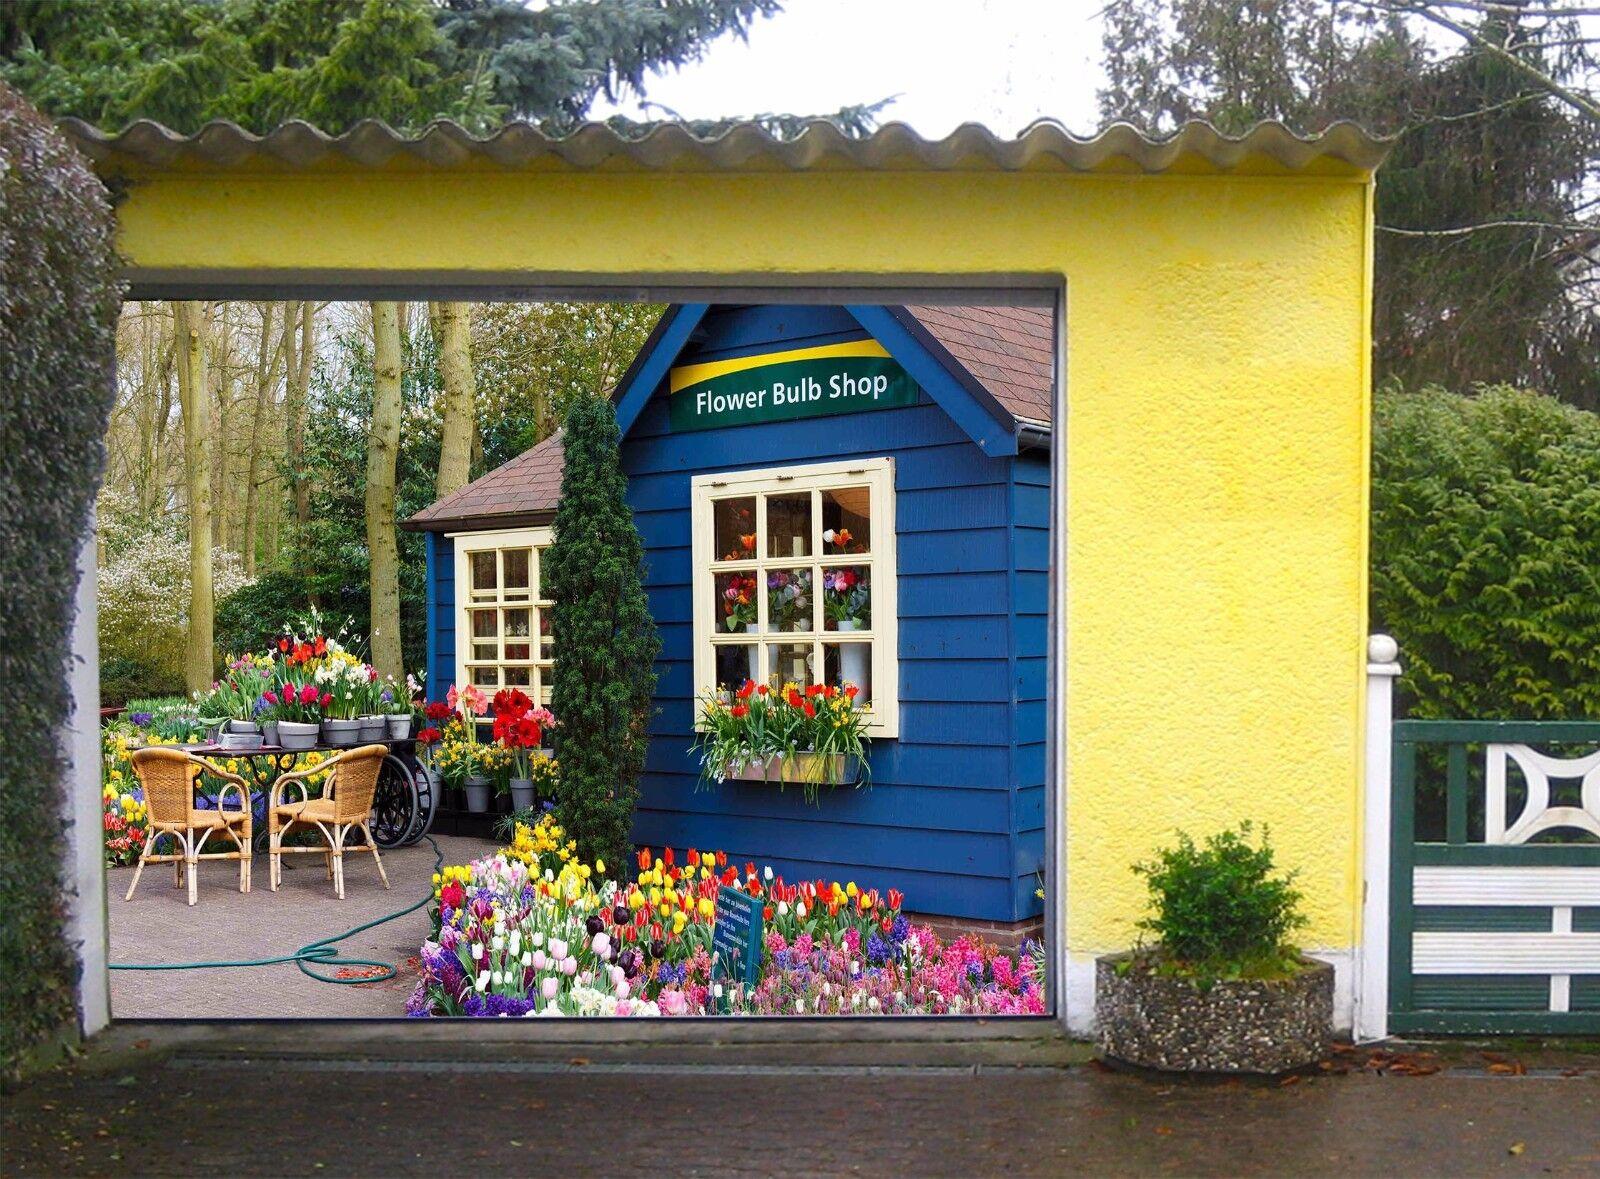 3D Flower Hut  78 Garage Door Murals Wall Print Decal Wall AJ WALLPAPER UK Carly